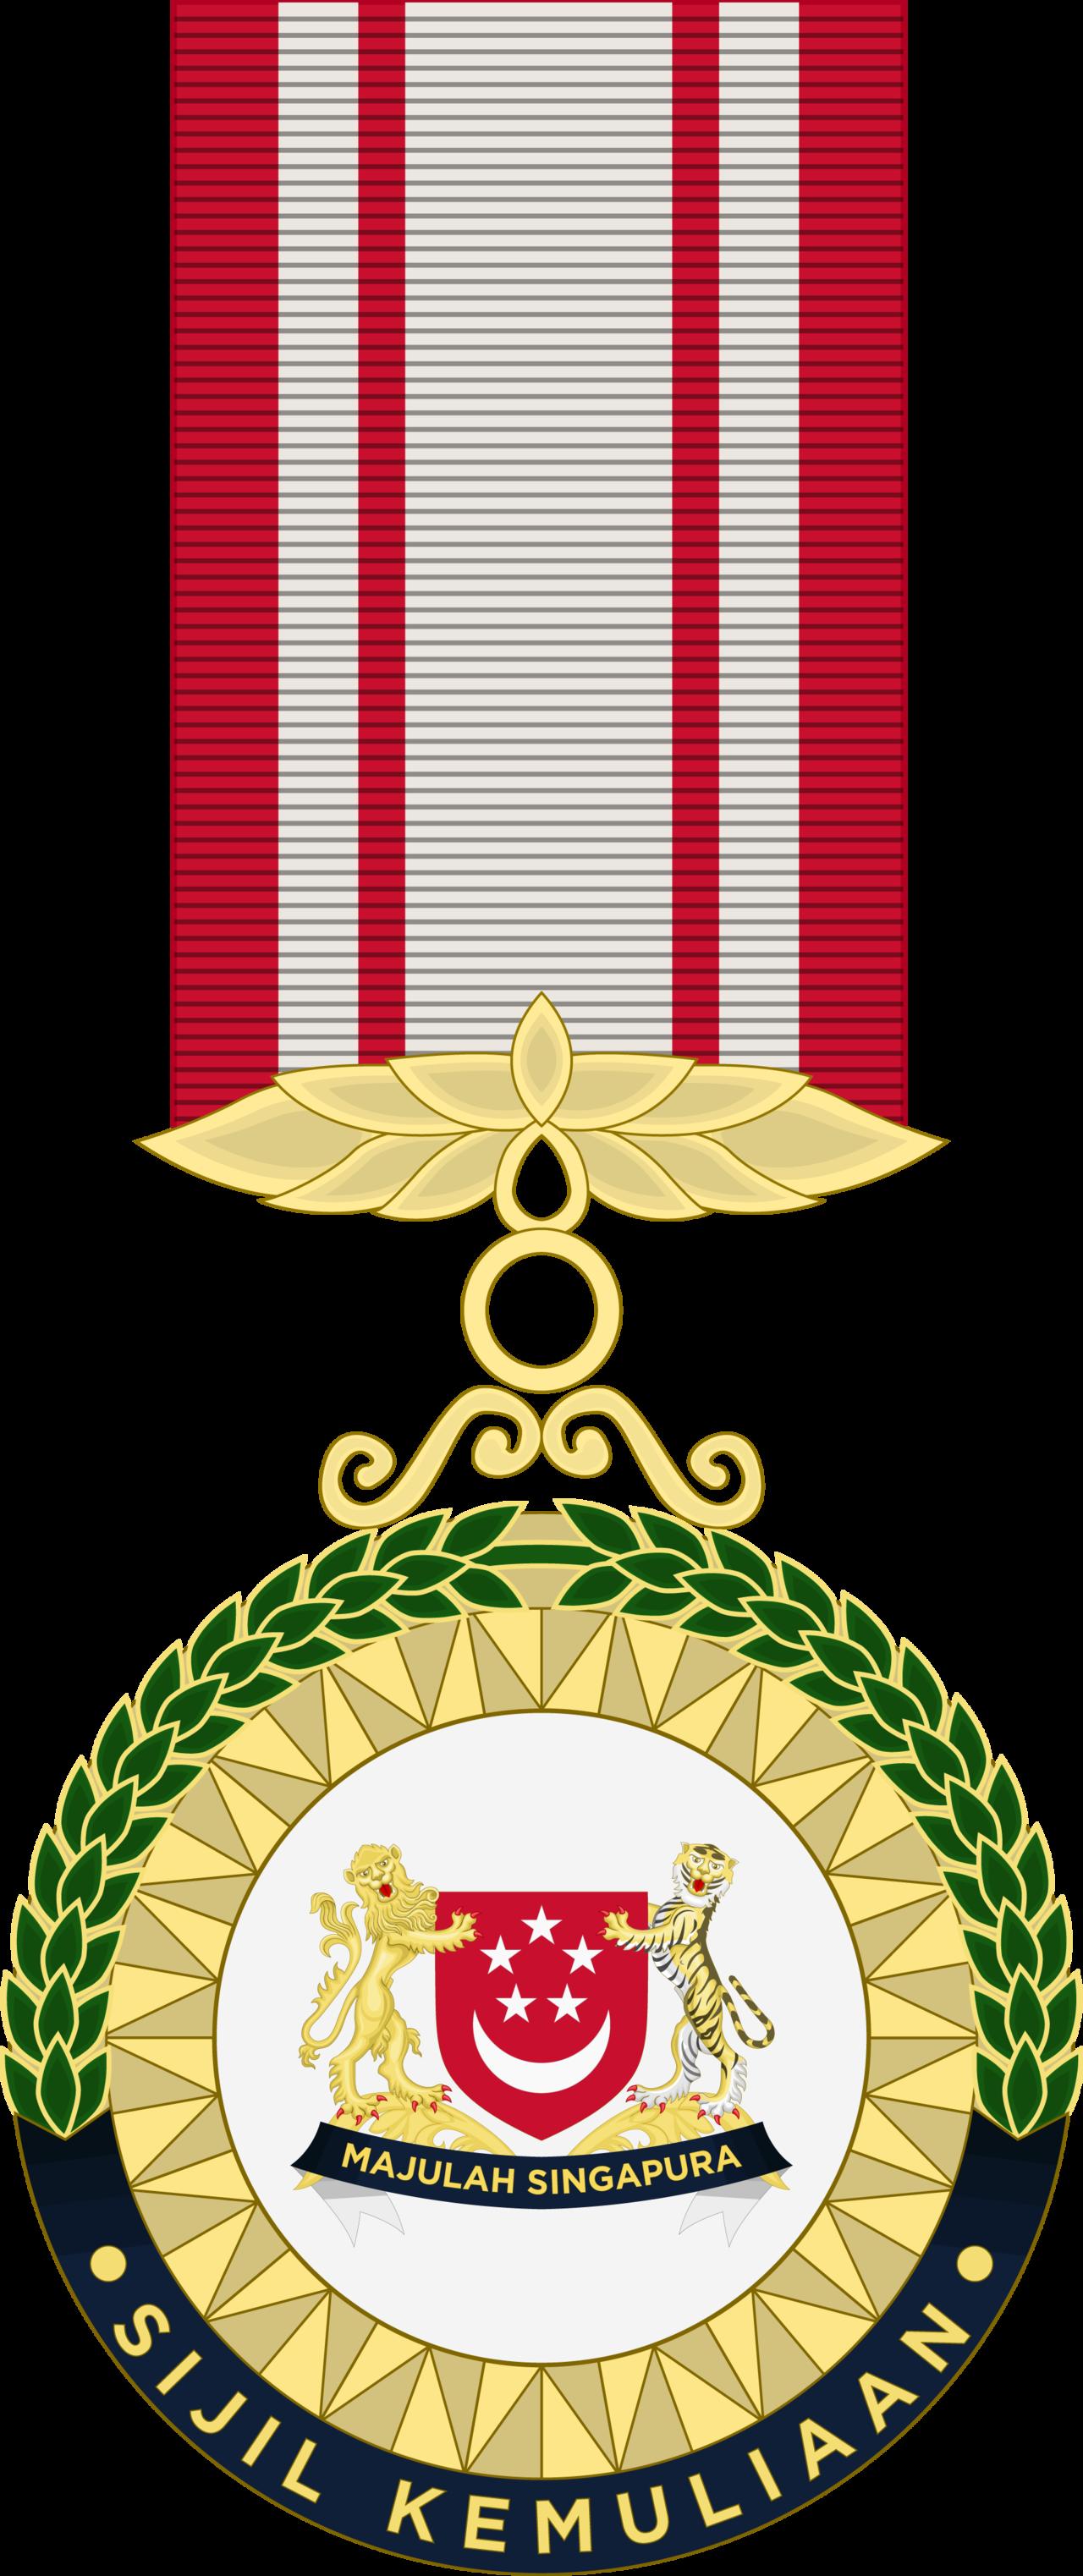 Sijil kemuliaan of honour. Good clipart medal certificate